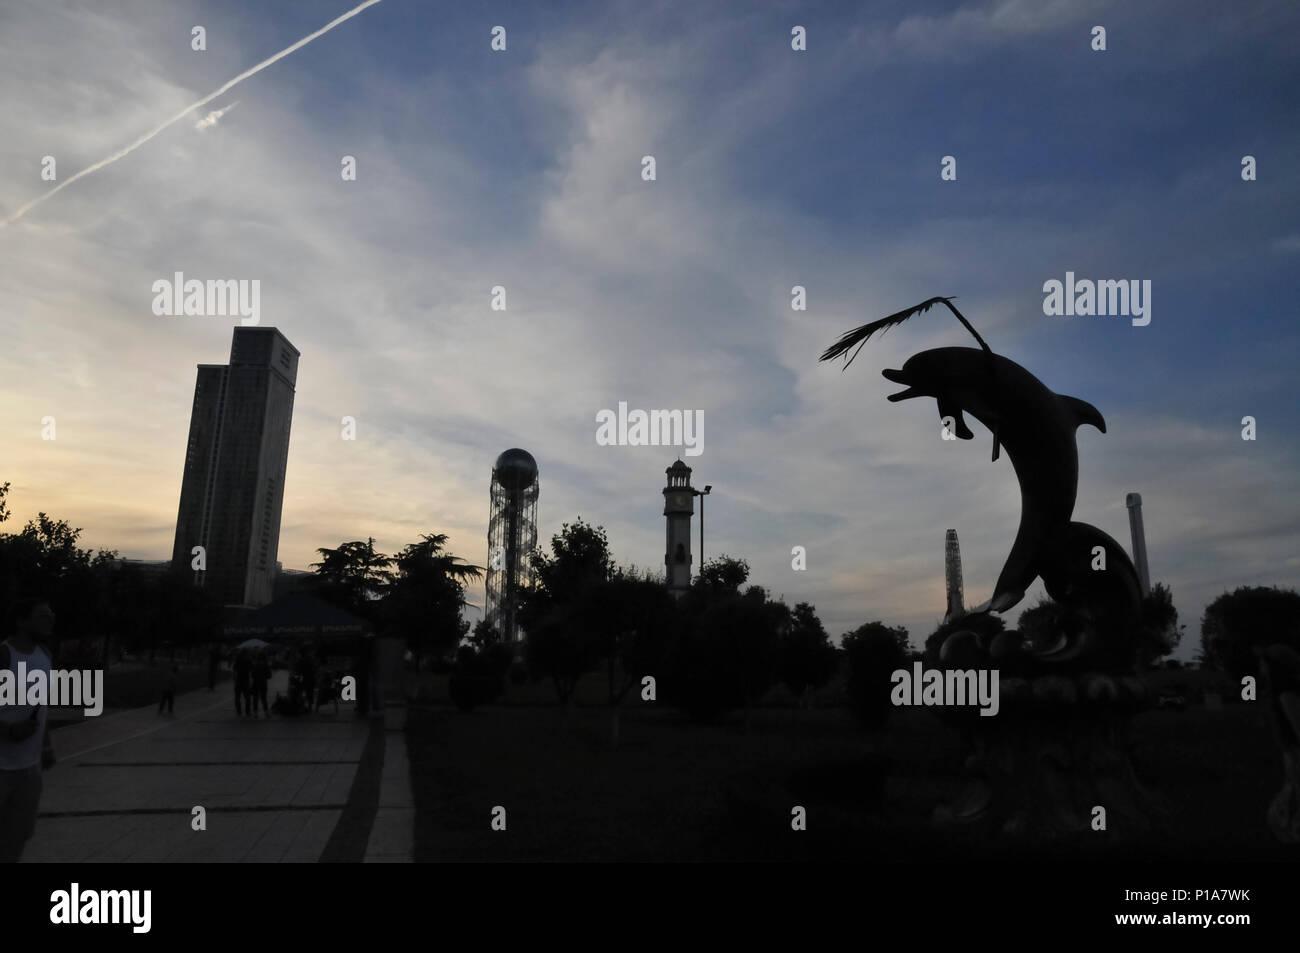 Silhouette der Delphin Statue in Wunder Park in der Abenddämmerung. Alphabetische Tower und der Old Clock Tower im Hintergrund. Batumi, Georgien Stockfoto